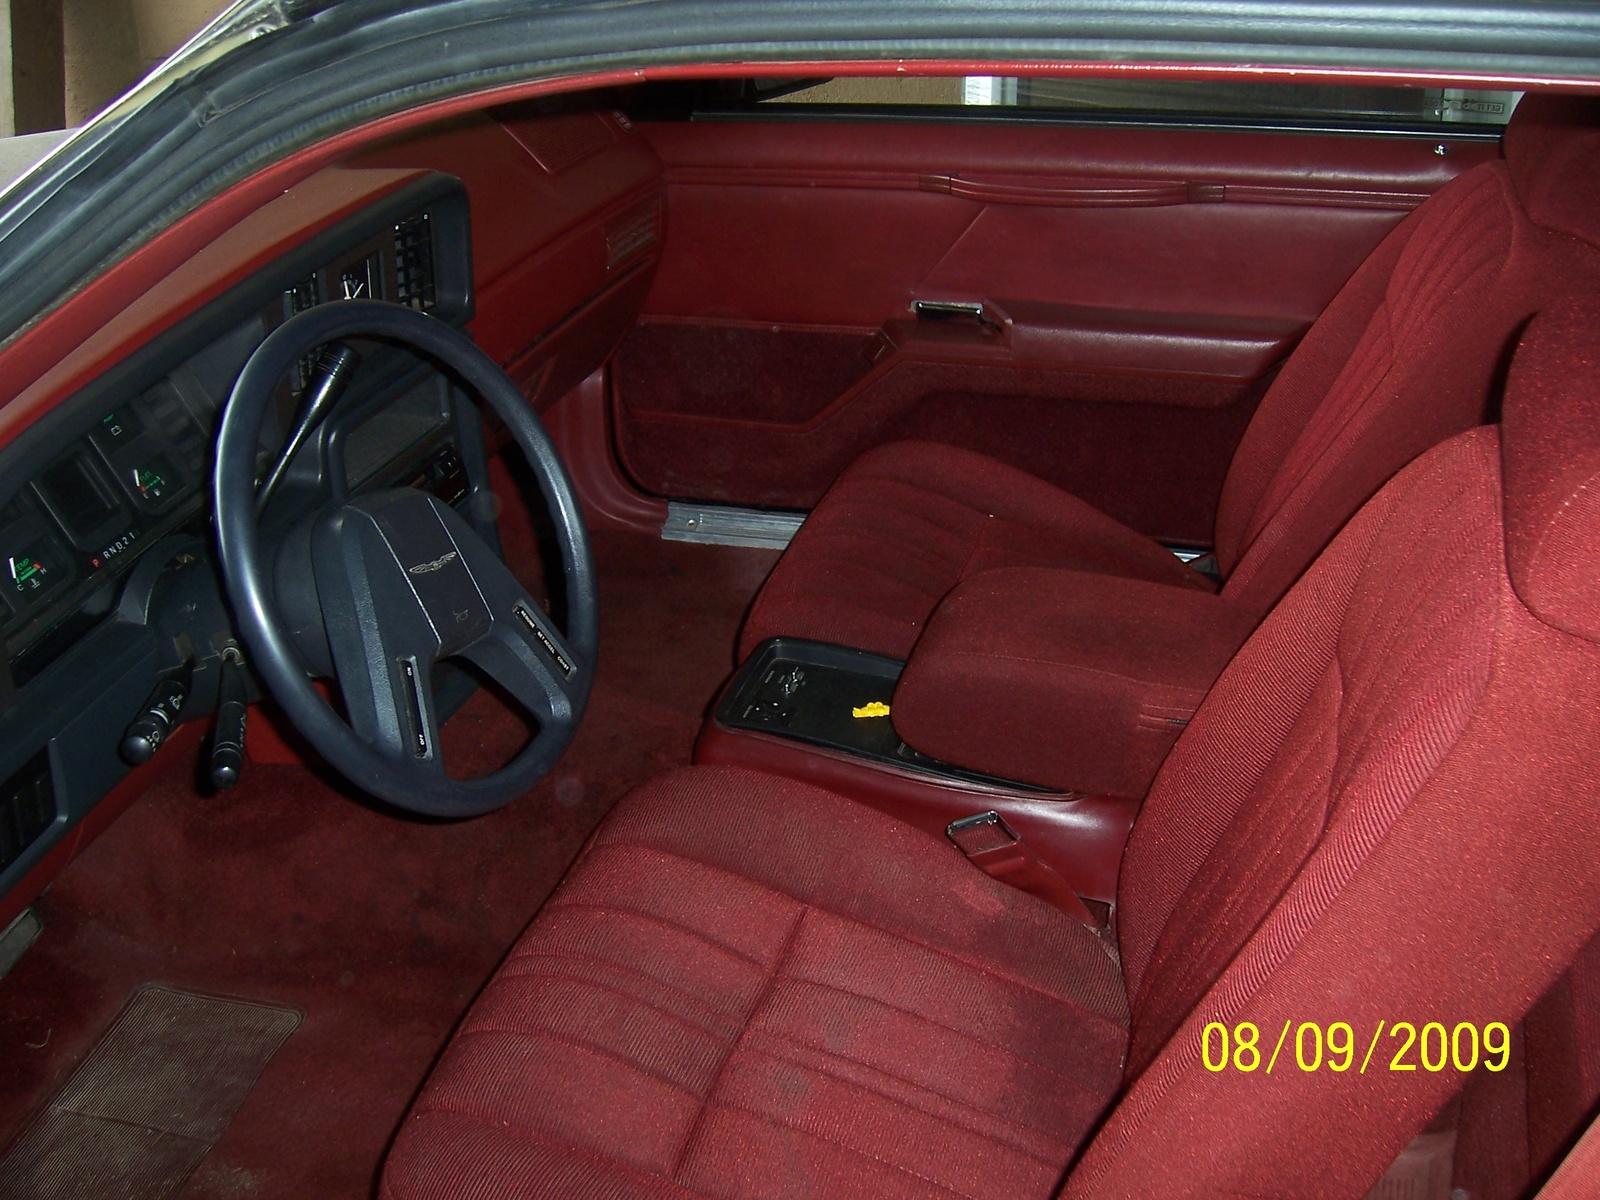 1986 Ford Thunderbird Interior 1985 Ford Thunderbird Interior